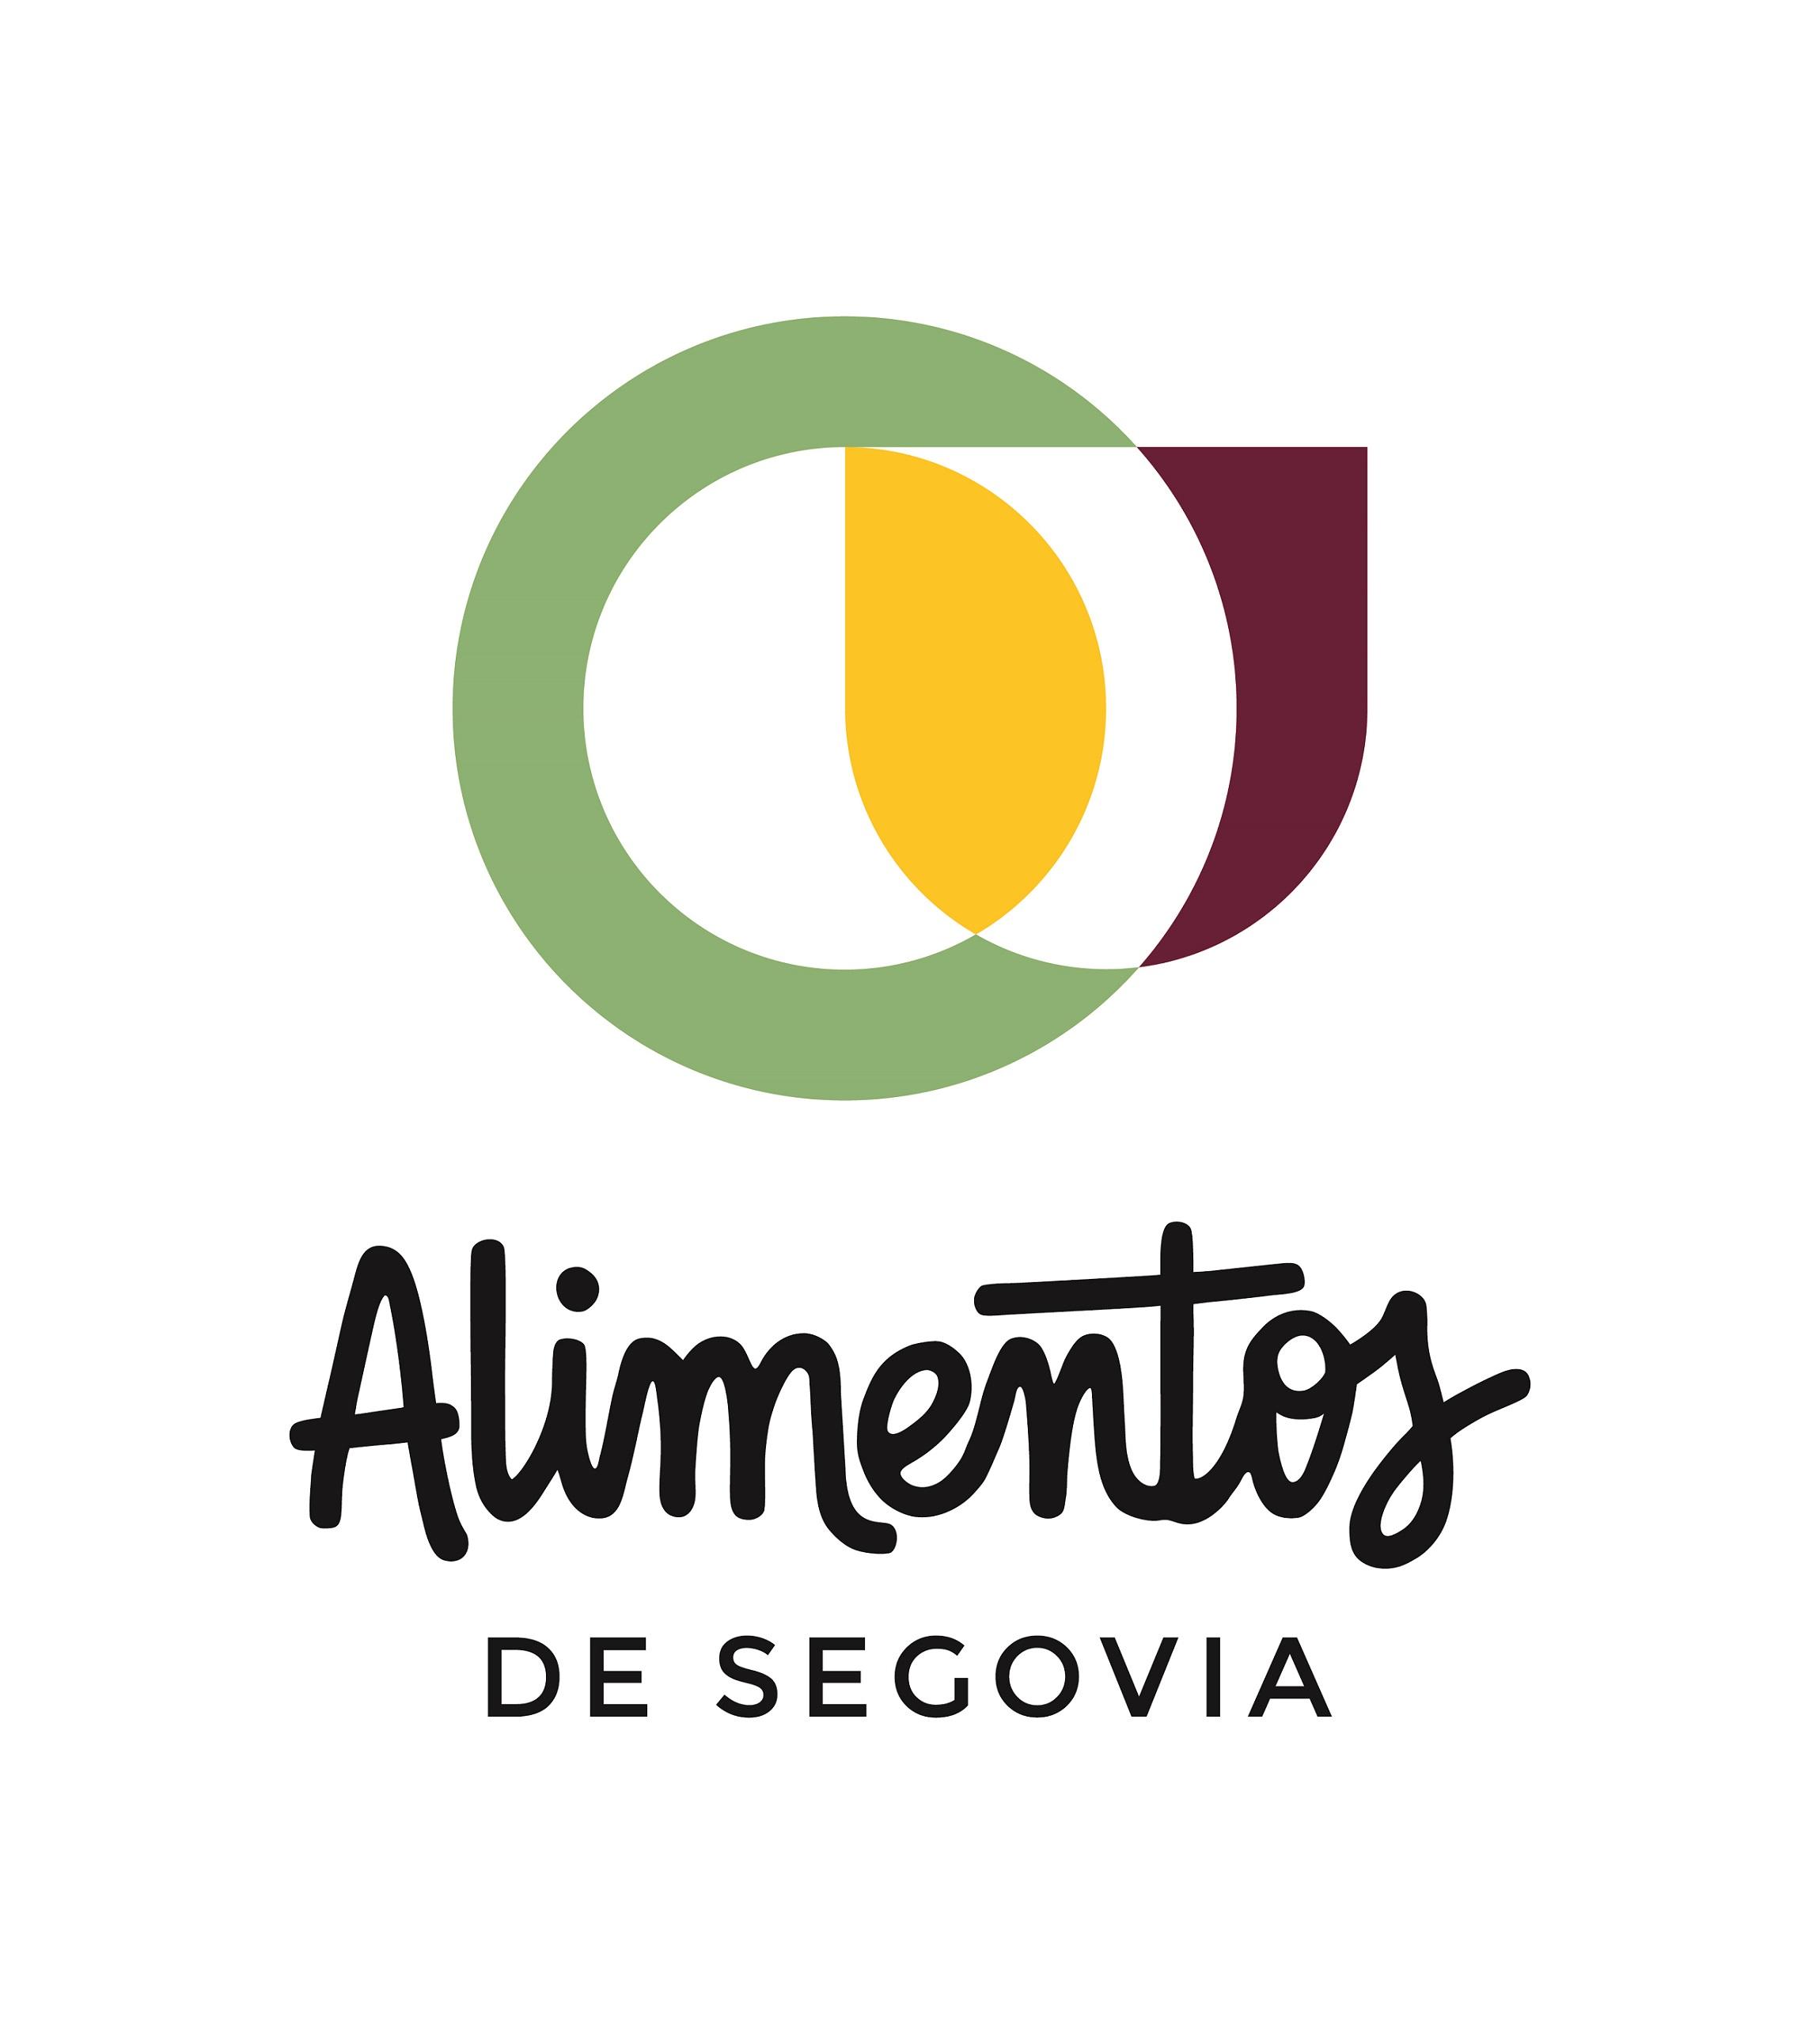 Food_color_1_Menorcalidad.jpg